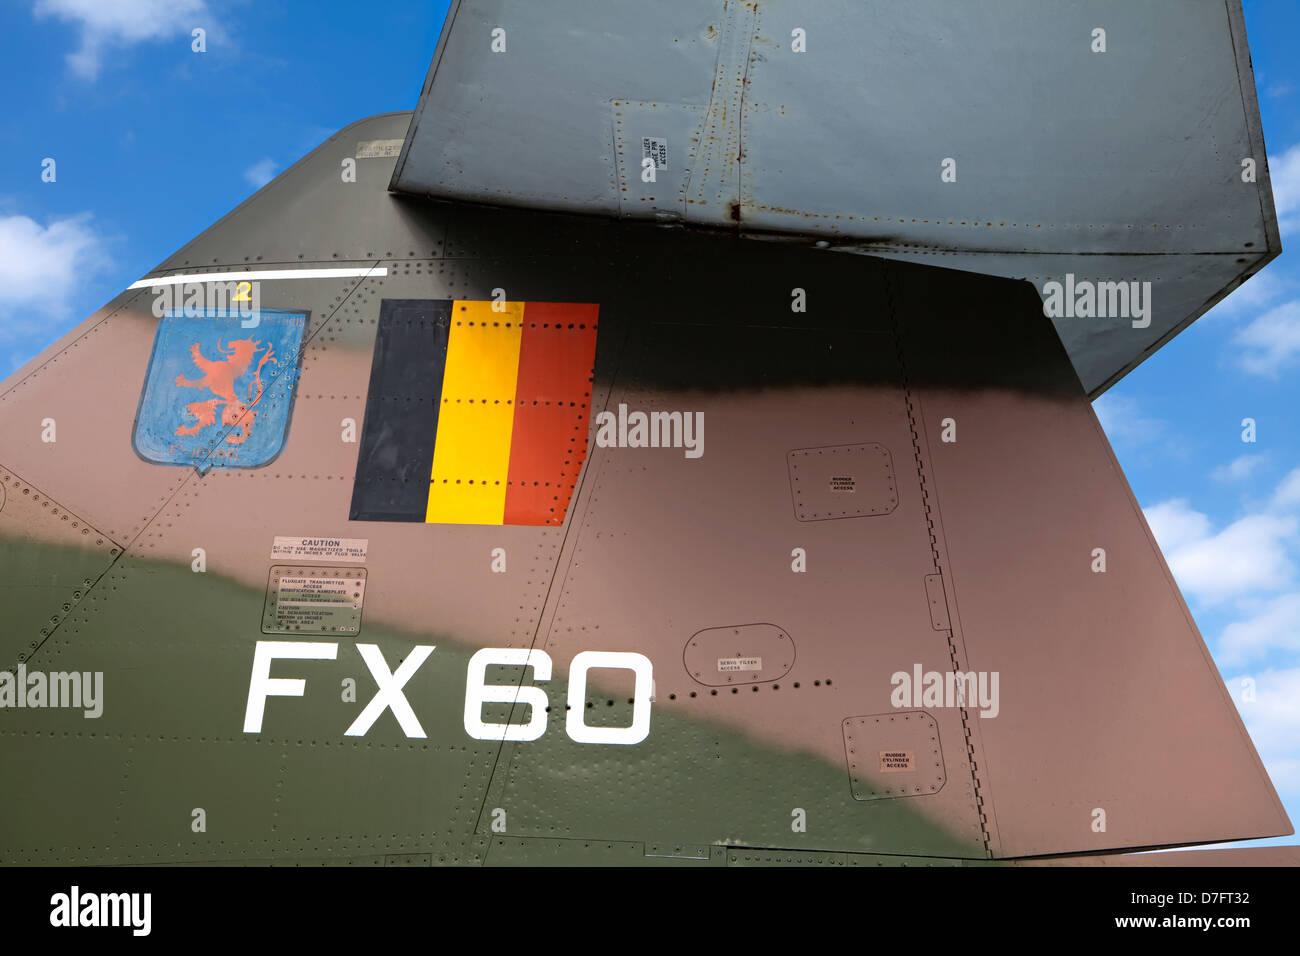 Dettaglio di una repubblica F-105 Thunderchief o tonfo, aviazione belga, Collezione aerei Hermeskeil, Germania, Foto Stock